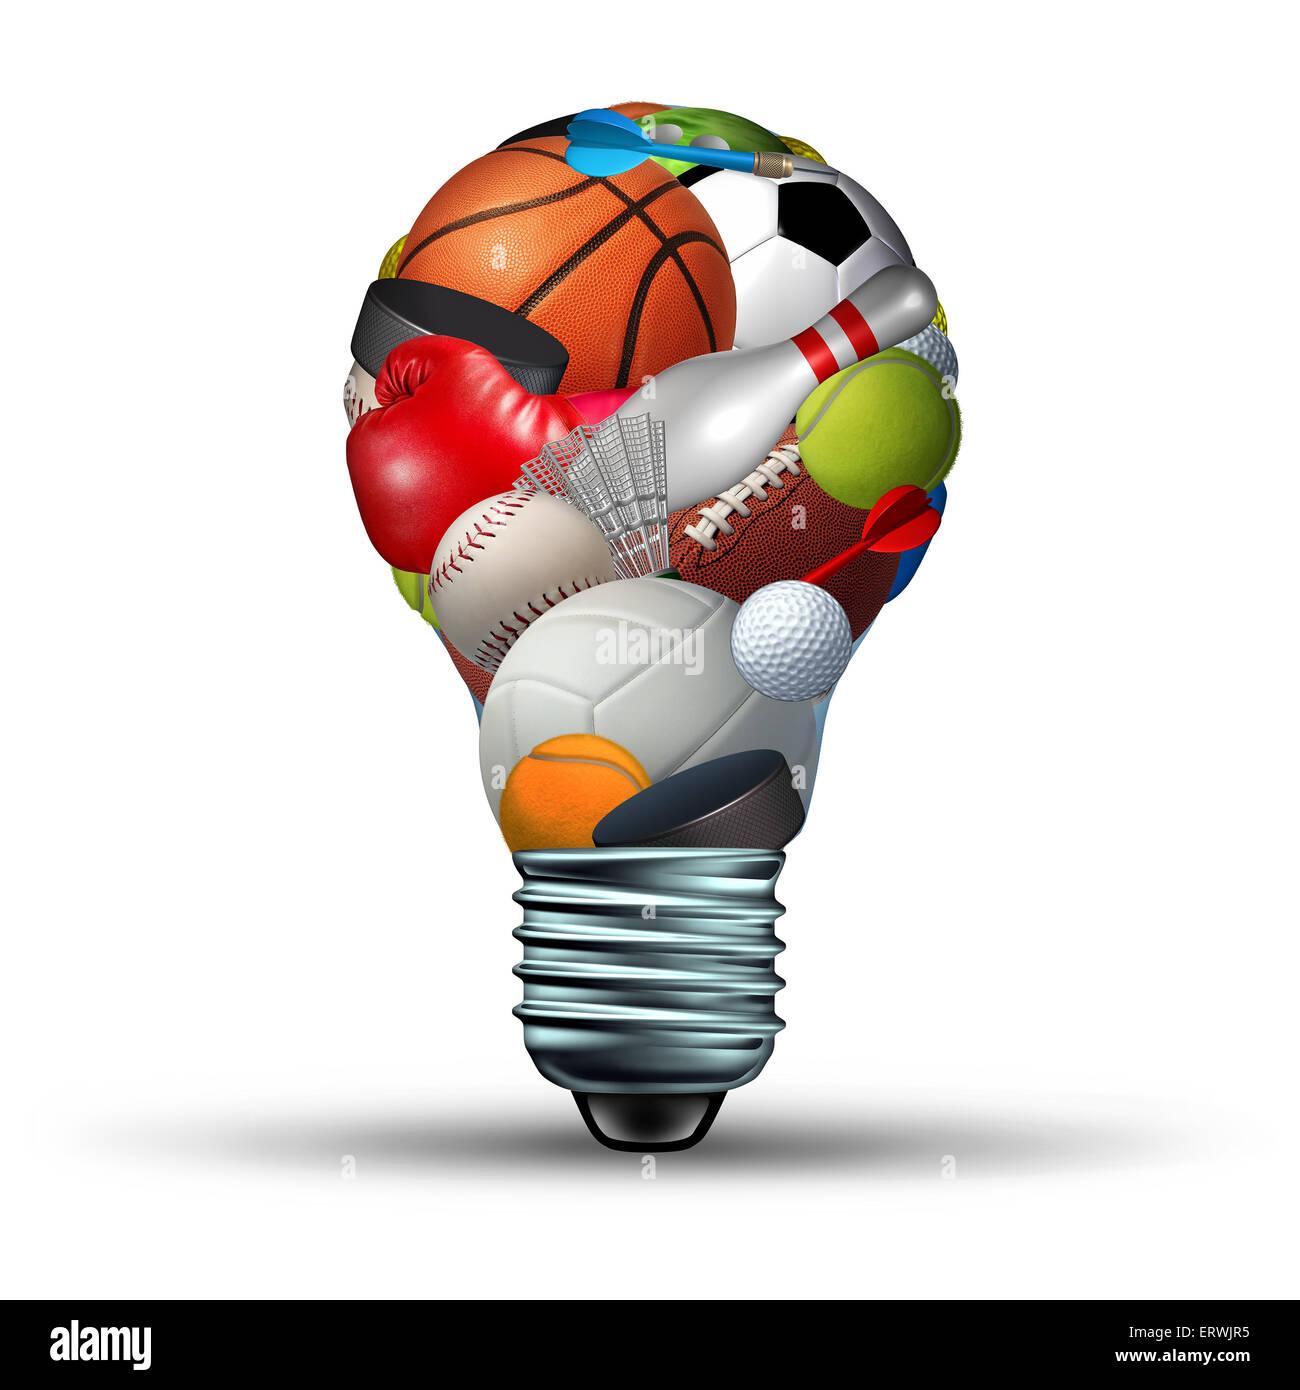 Attività sportive idee concetto come una lampadina elettrica forma su uno sfondo bianco con attrezzature sportive Immagini Stock